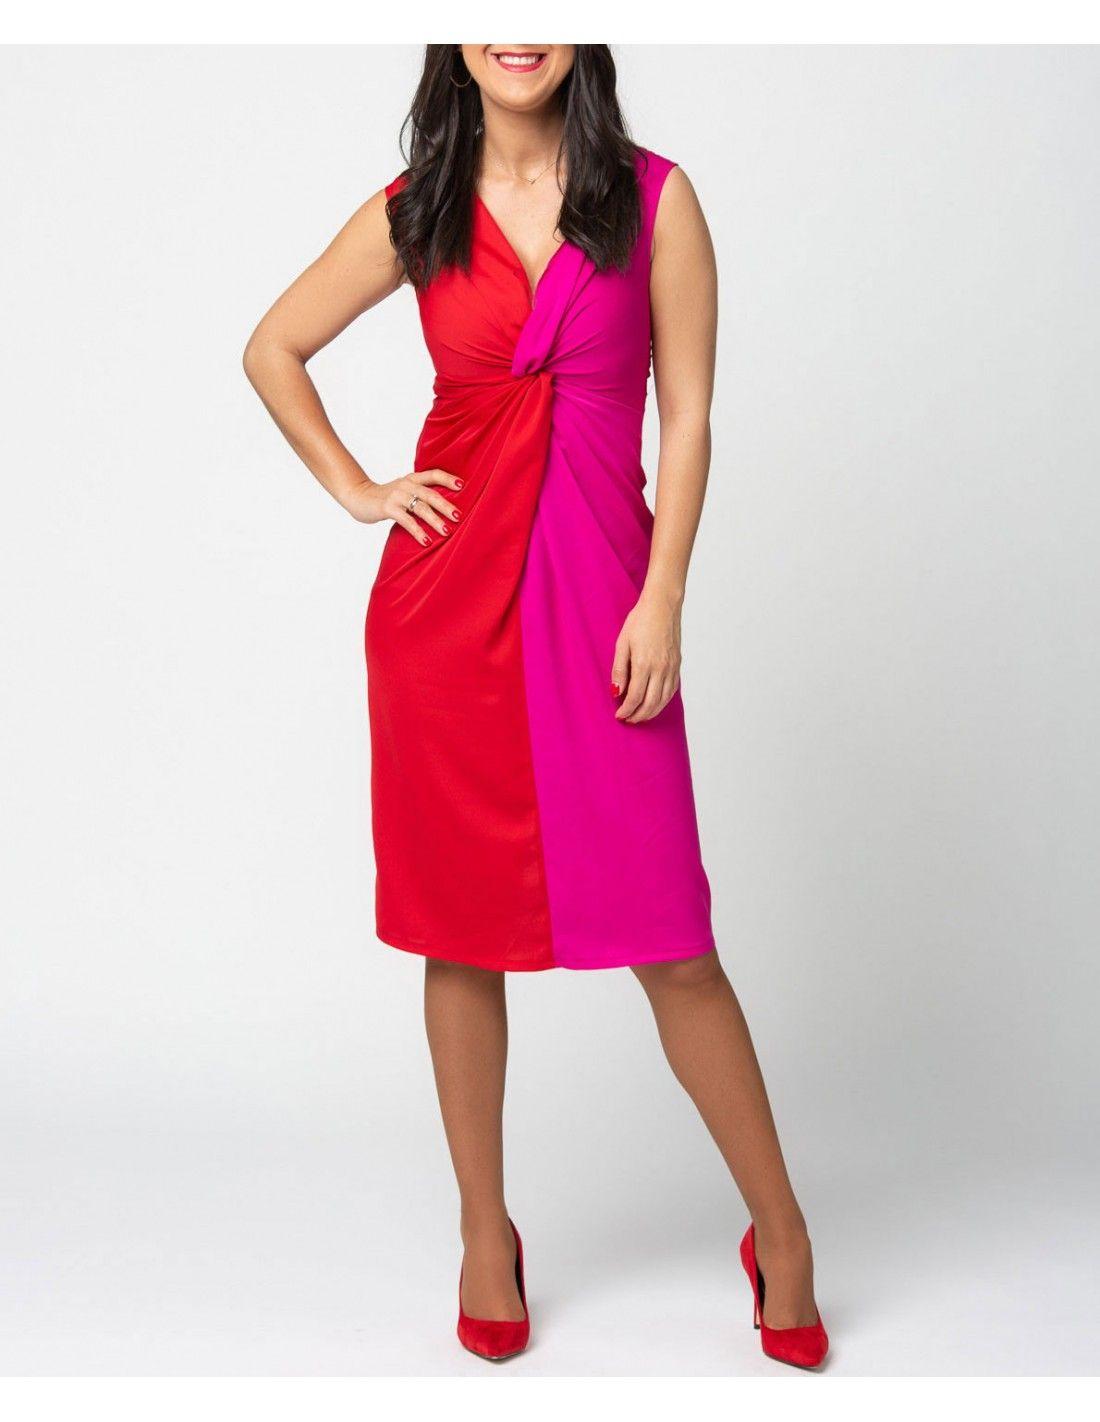 e469936e8e8ca Vestido Orquidea - Vestido bicolor en fucsia y rojo. Escote en pico.  Detalle de